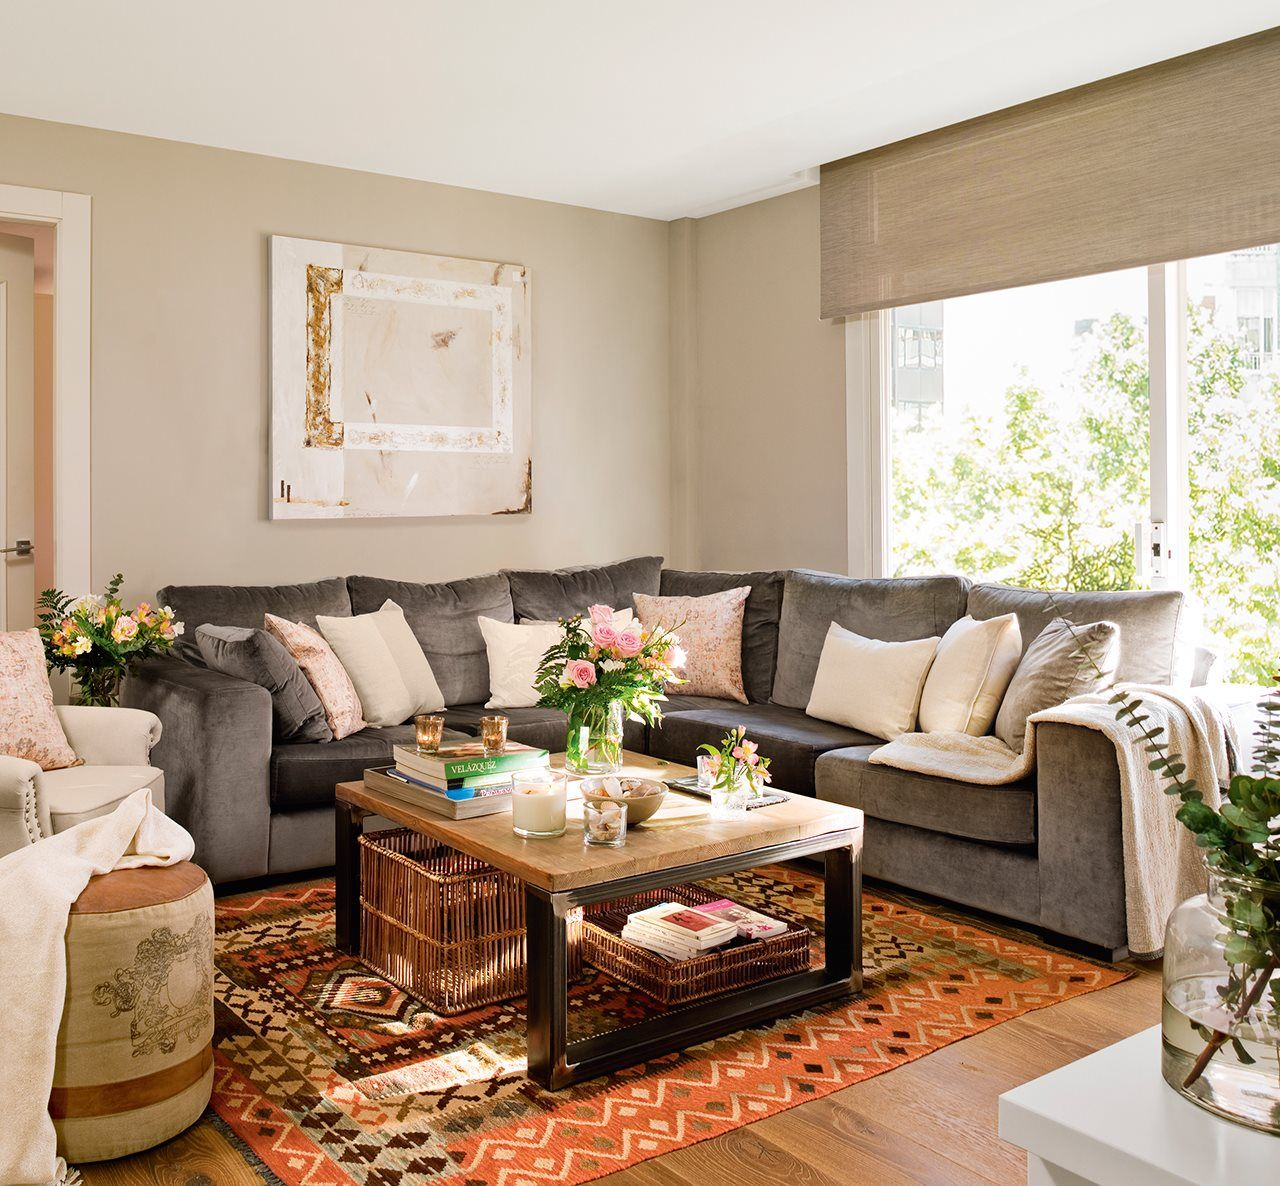 En el sal n sof mesa de centro bandeja y cestas de cado - Bandejas decoracion salon ...